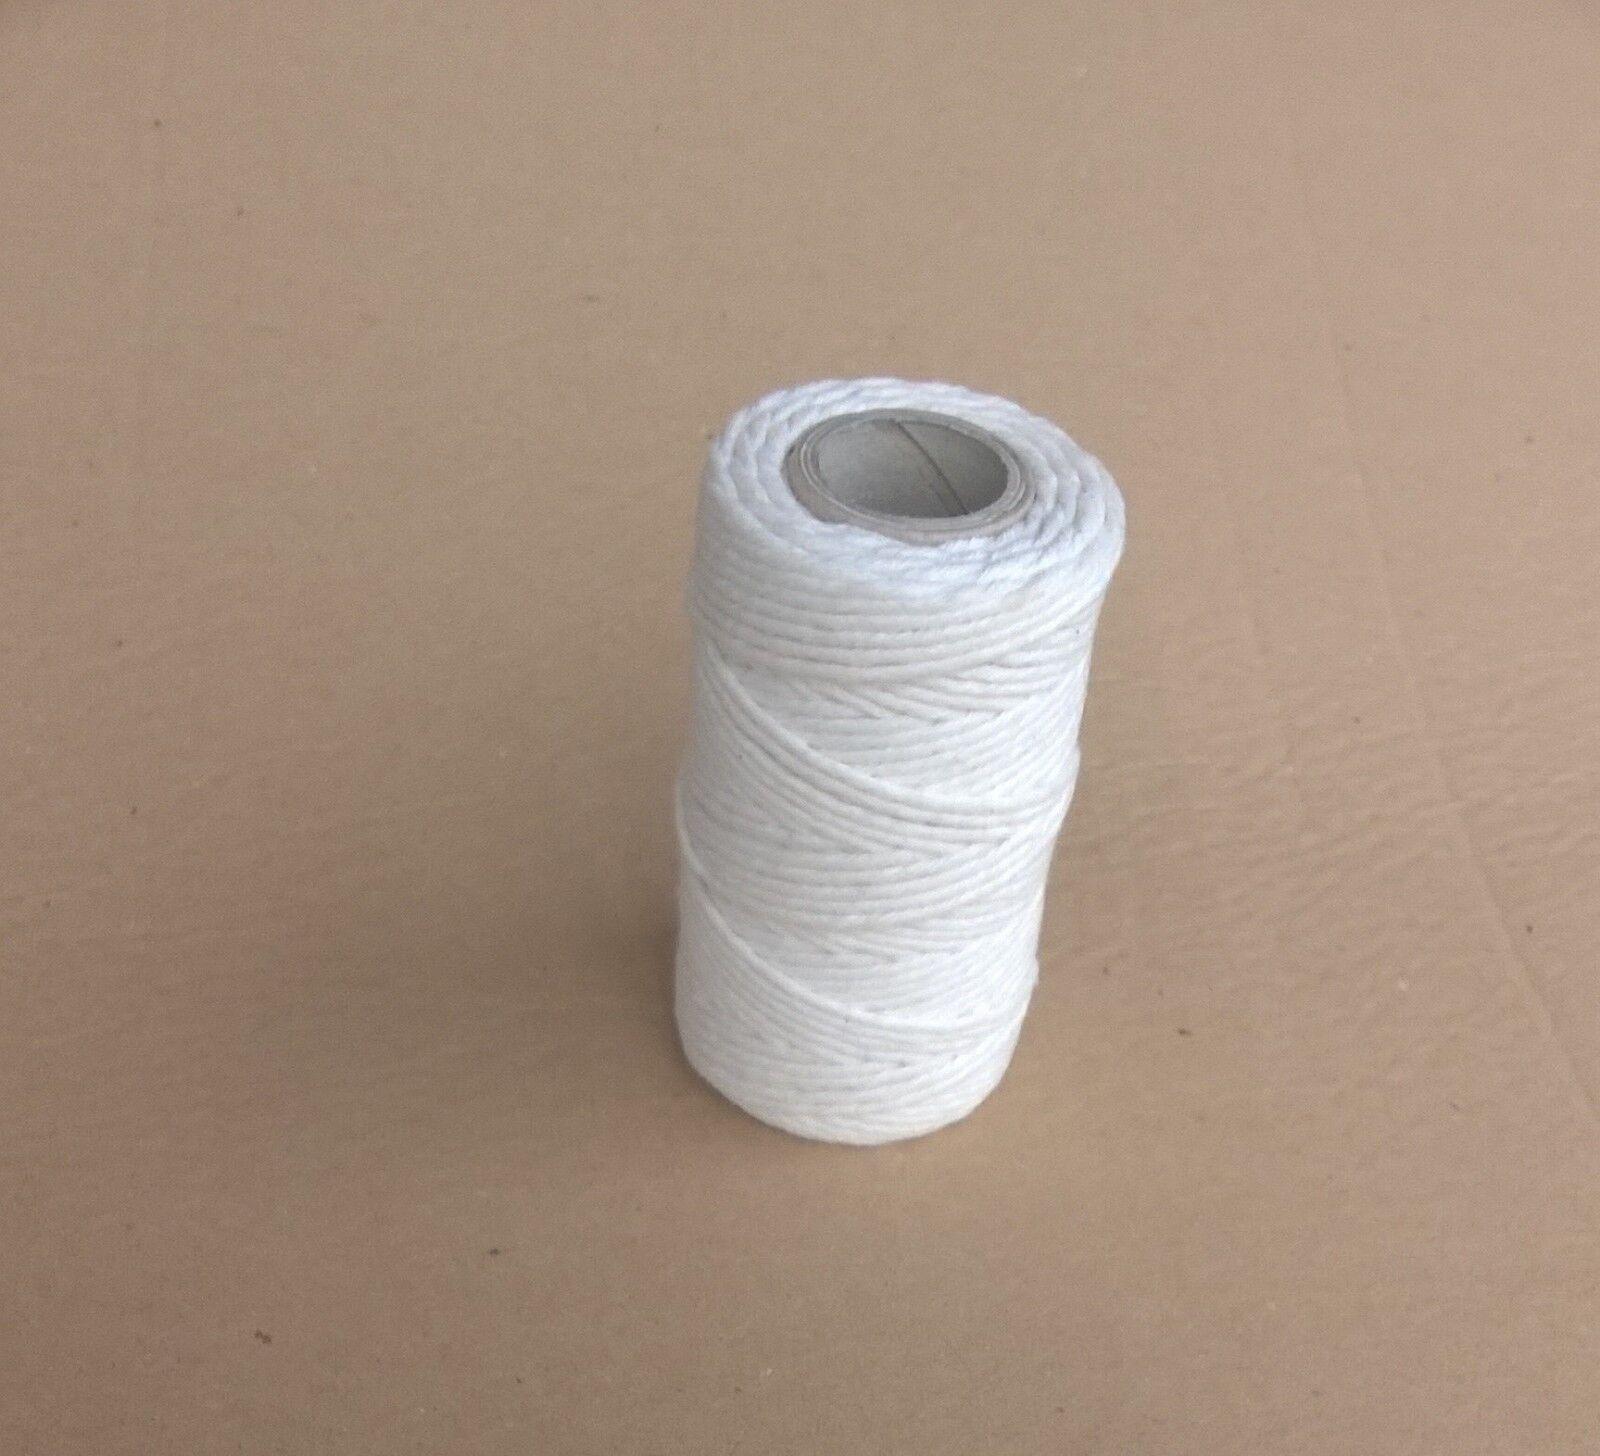 Baumwollseil Seil 8mm 30m Natur Beige Geflochten Schnur Dekoseil Flechtschnur